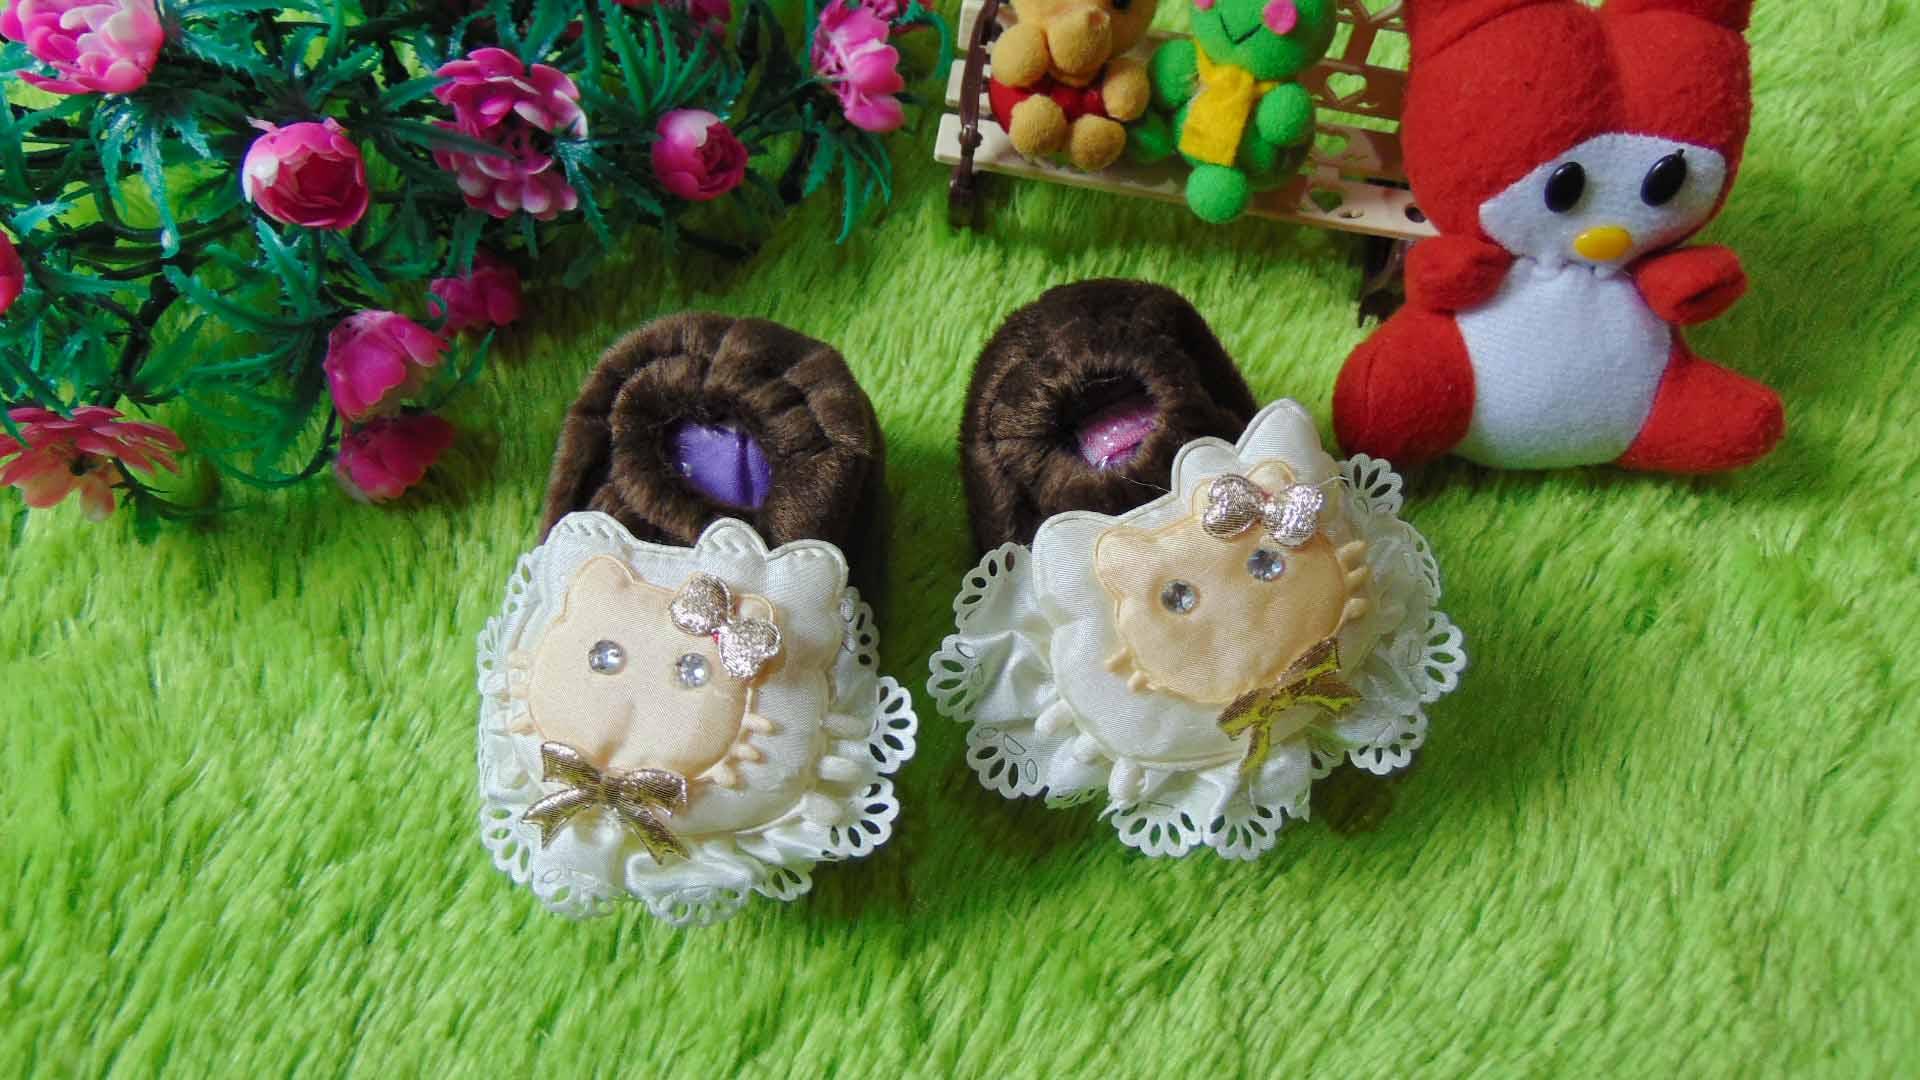 sepatu prewalker bayi newborn bulu cokelat hello kitty Rp 29.000 muat untuk 0-6 bulan lucu dan imut untuk kado ada box mikanya,cocok untuk kado bayi (3)